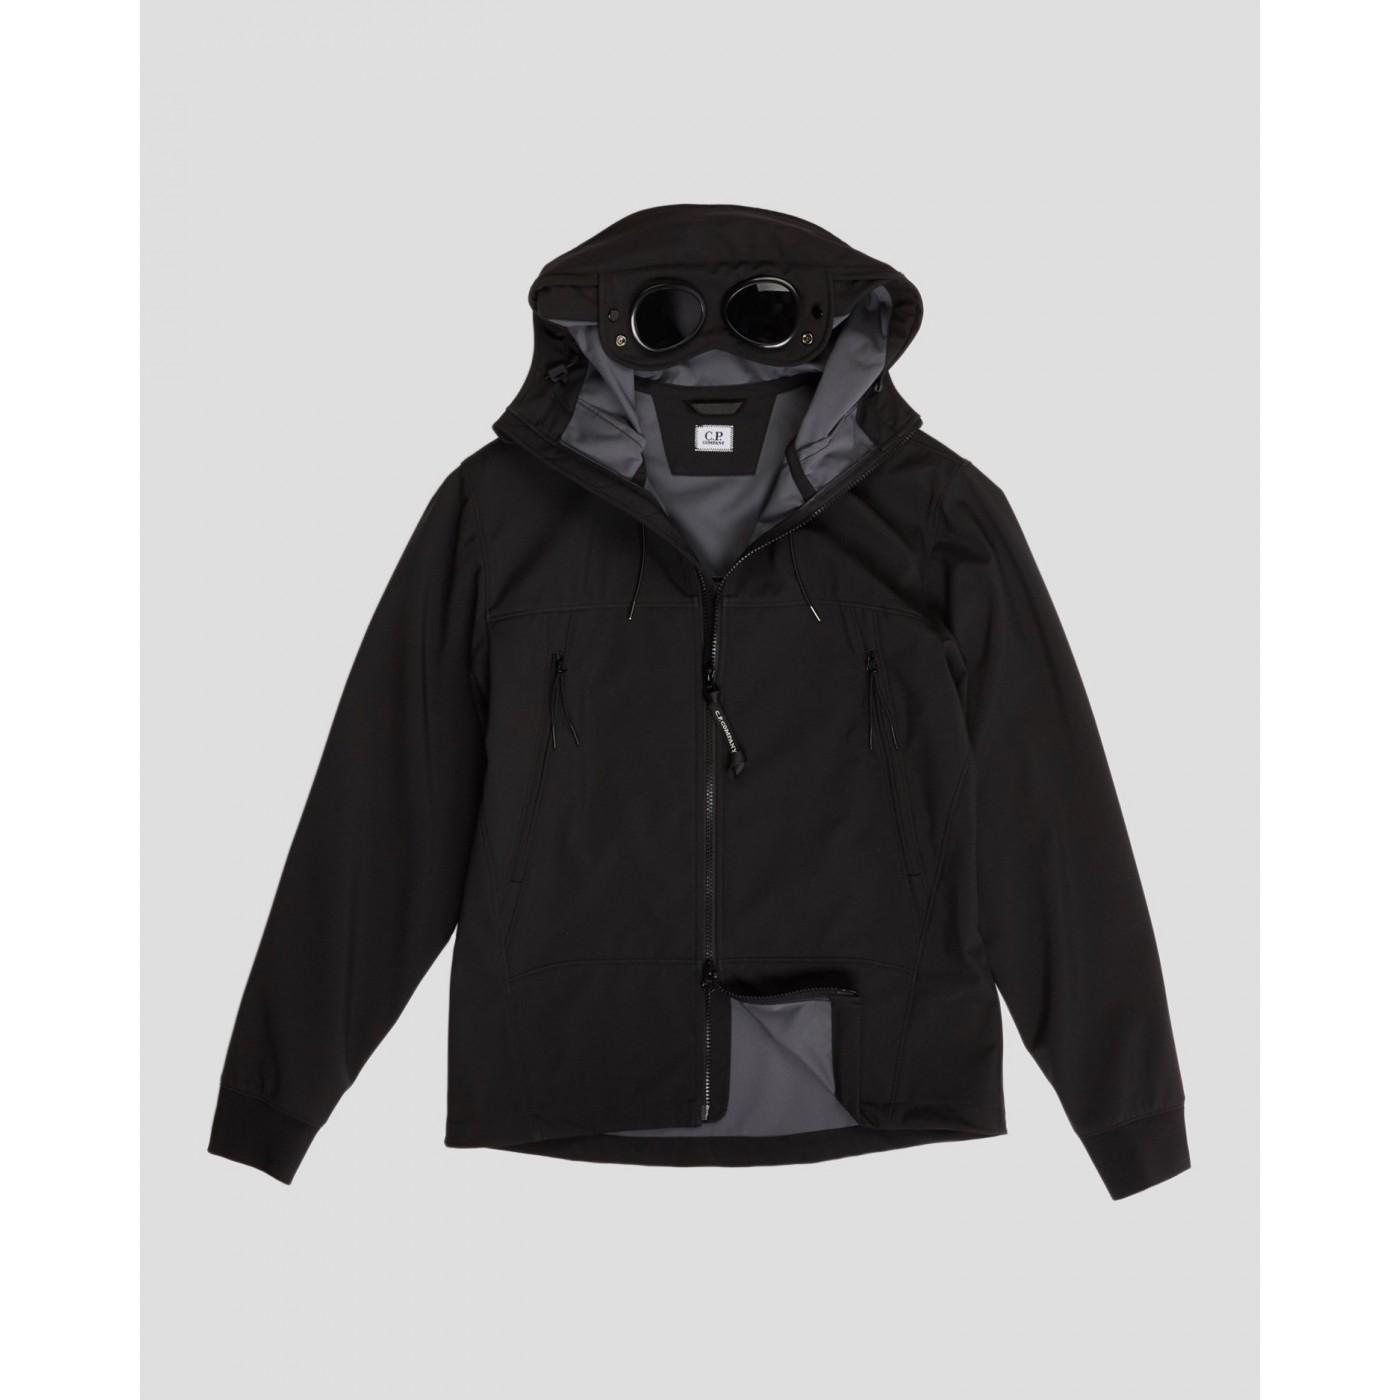 veste CP Company Cp Shell capuche goggle noir